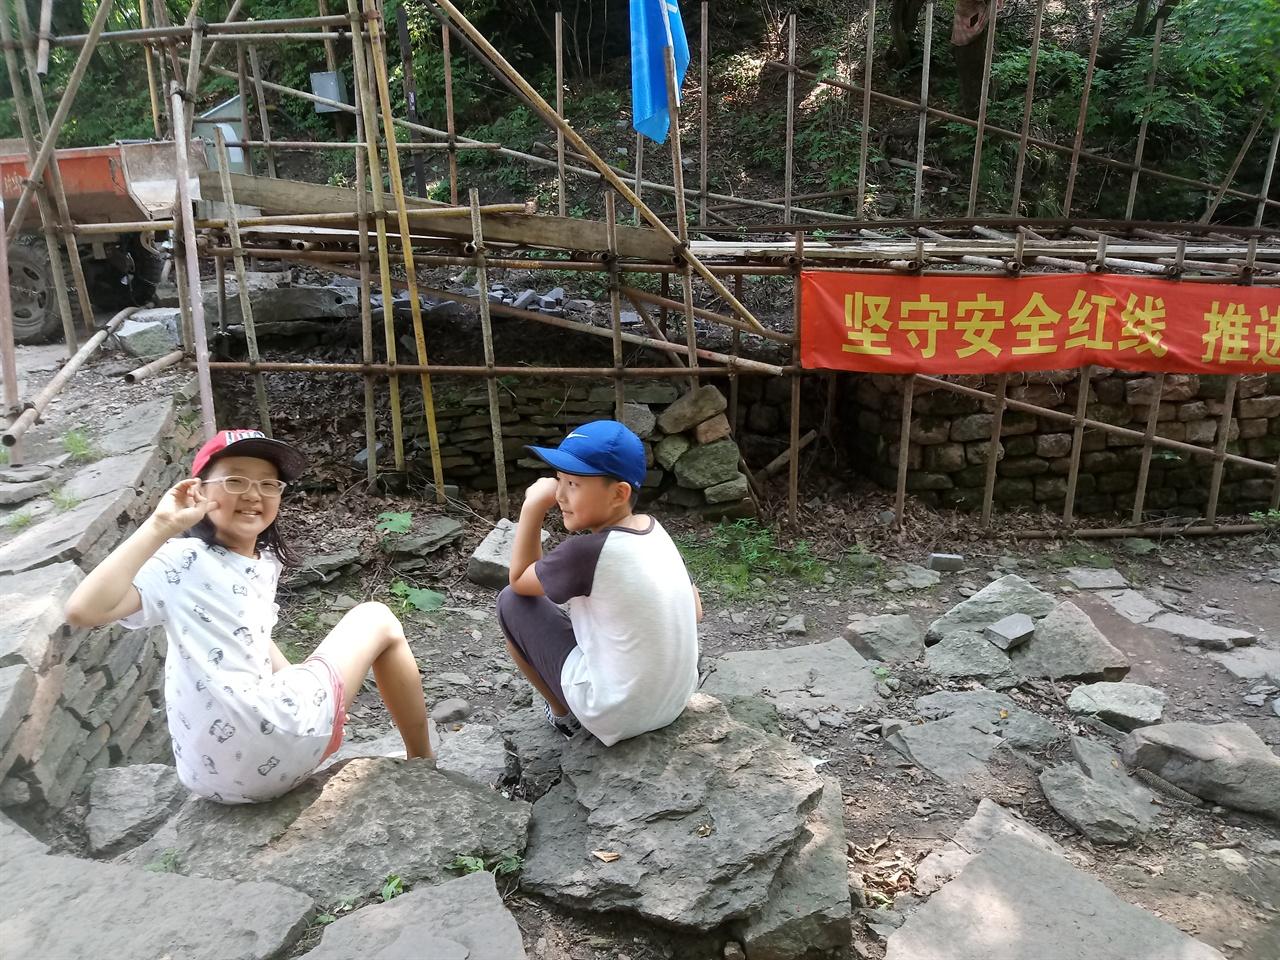 오녀산성 정상 부근에서 발견된 유적지를 보전하고 관광자원으로 활용하기 위한 공사가 대대적으로 이루어지고 있었다.